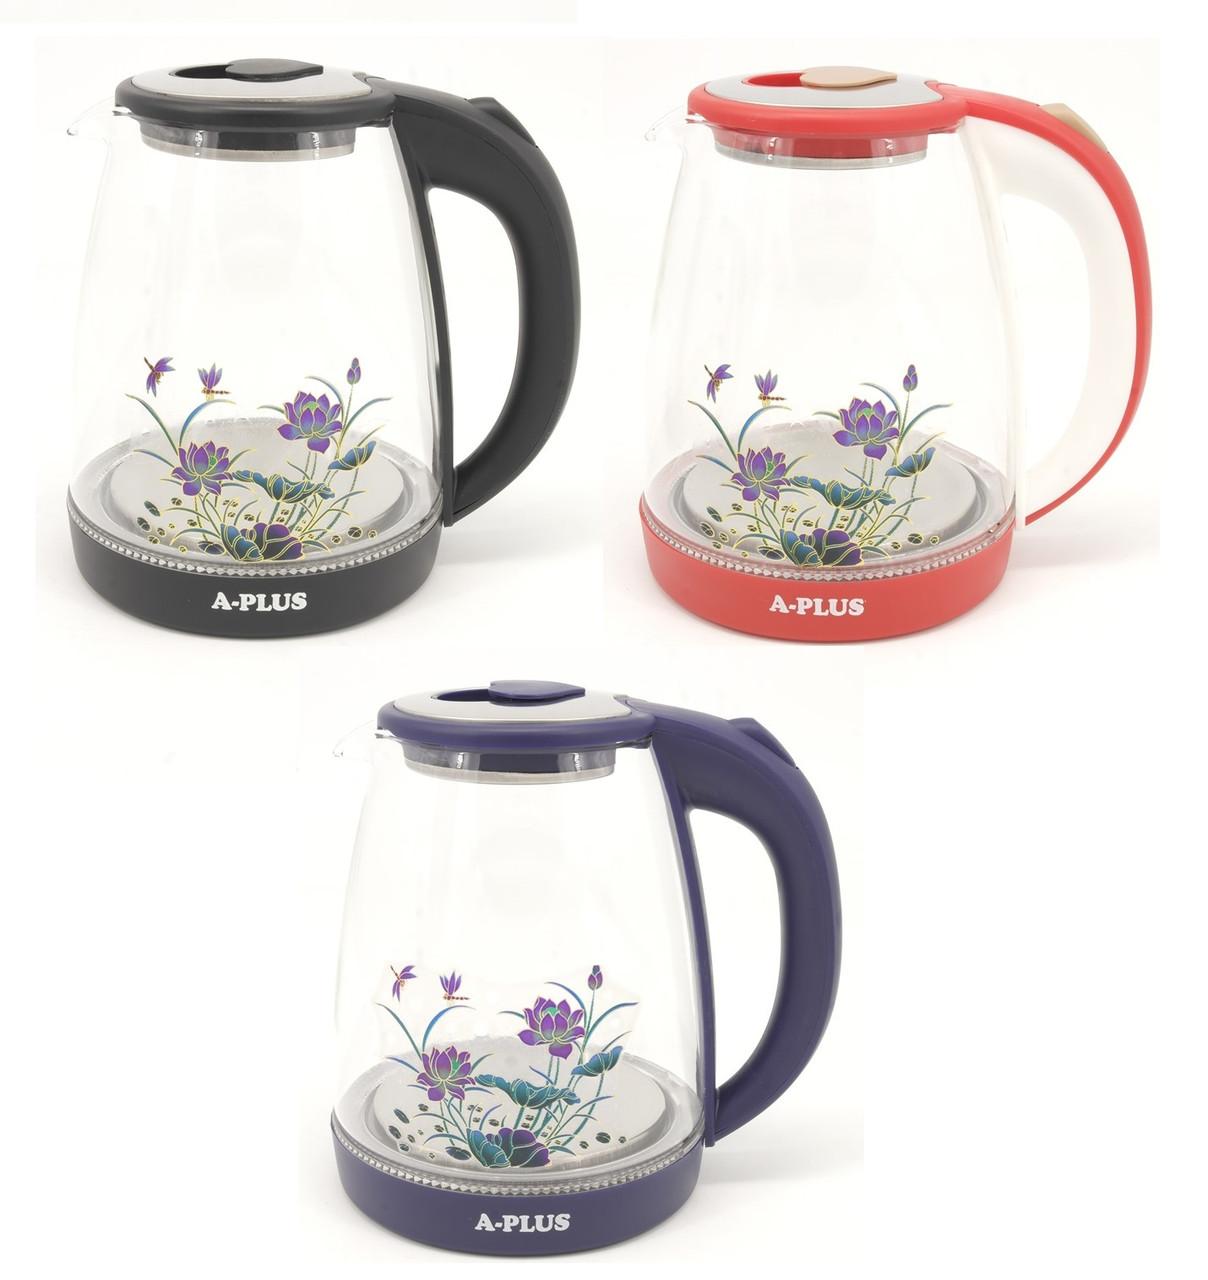 Електричний скляний чайник дисковий 2 л A-Plus 1504-AP